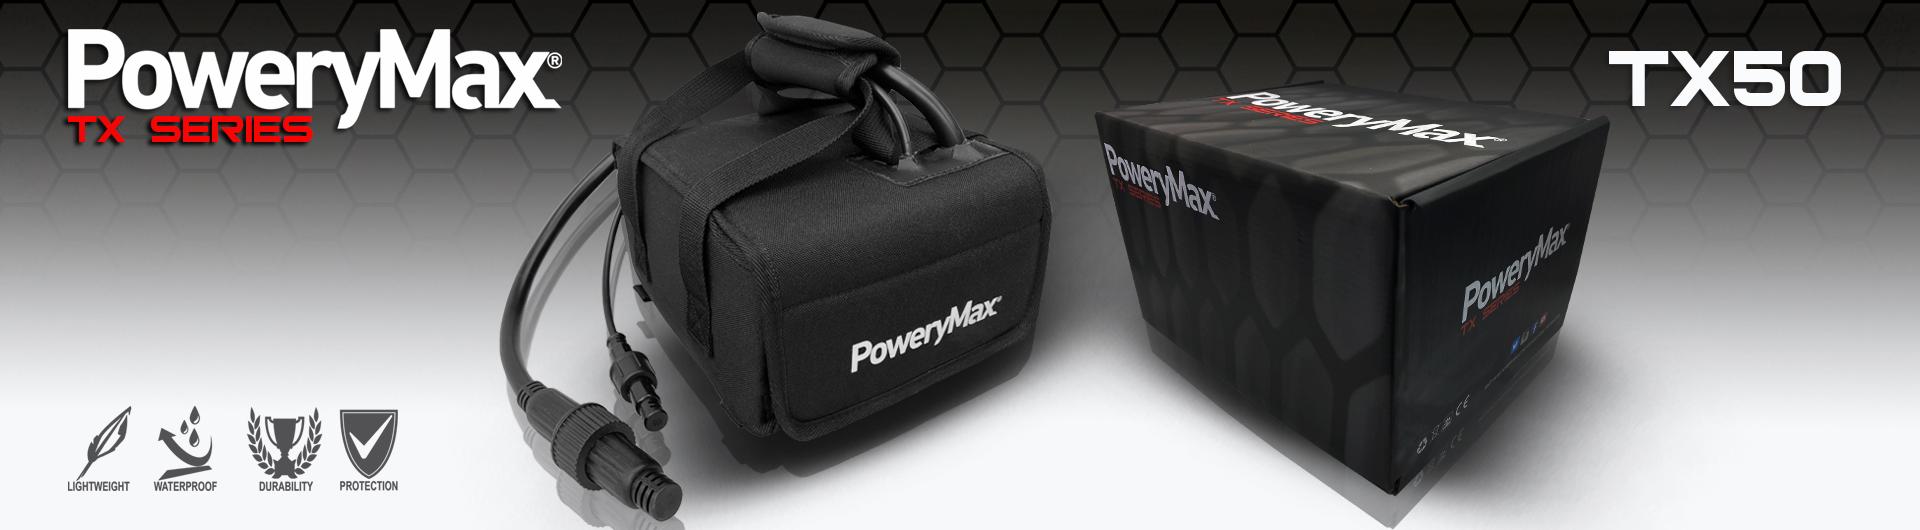 PoweryMax TX50